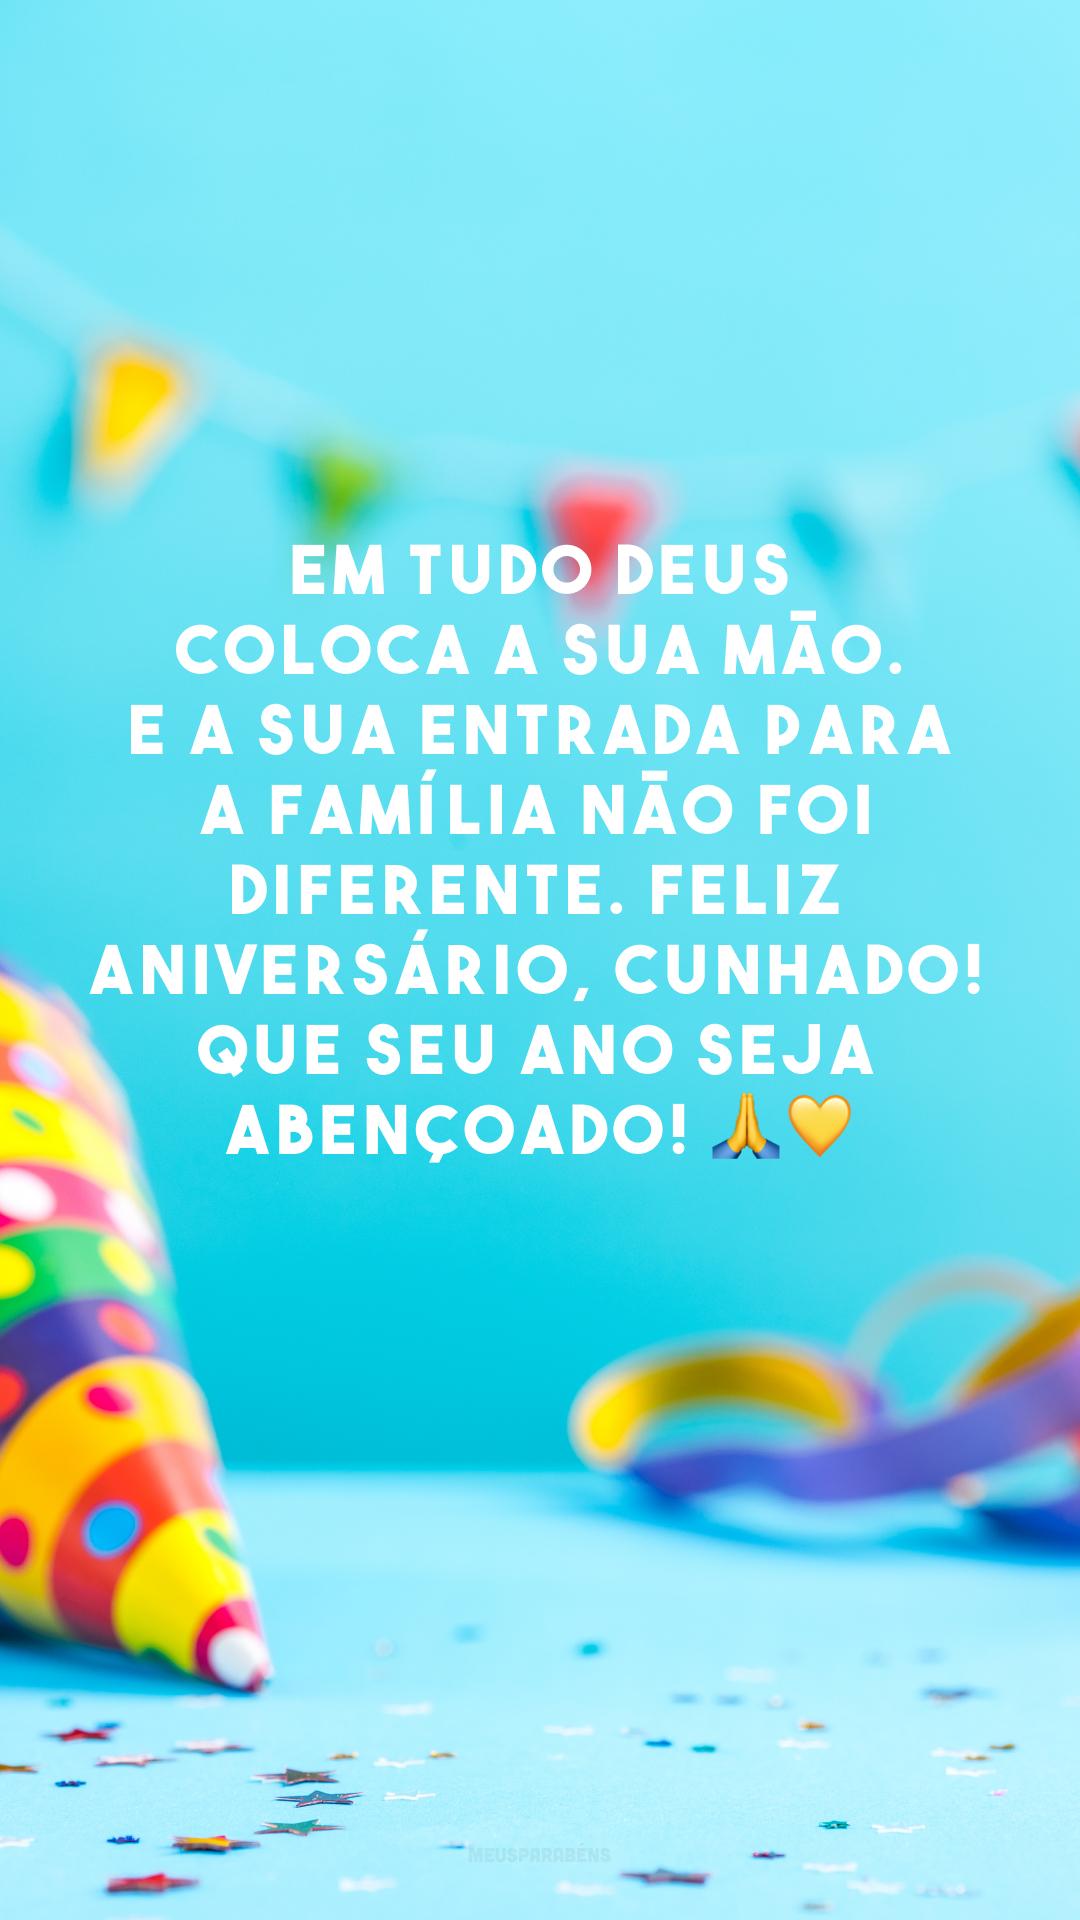 Em tudo Deus coloca a sua mão. E a sua entrada para a família não foi diferente. Feliz aniversário, cunhado! Que seu ano seja abençoado! 🙏💛